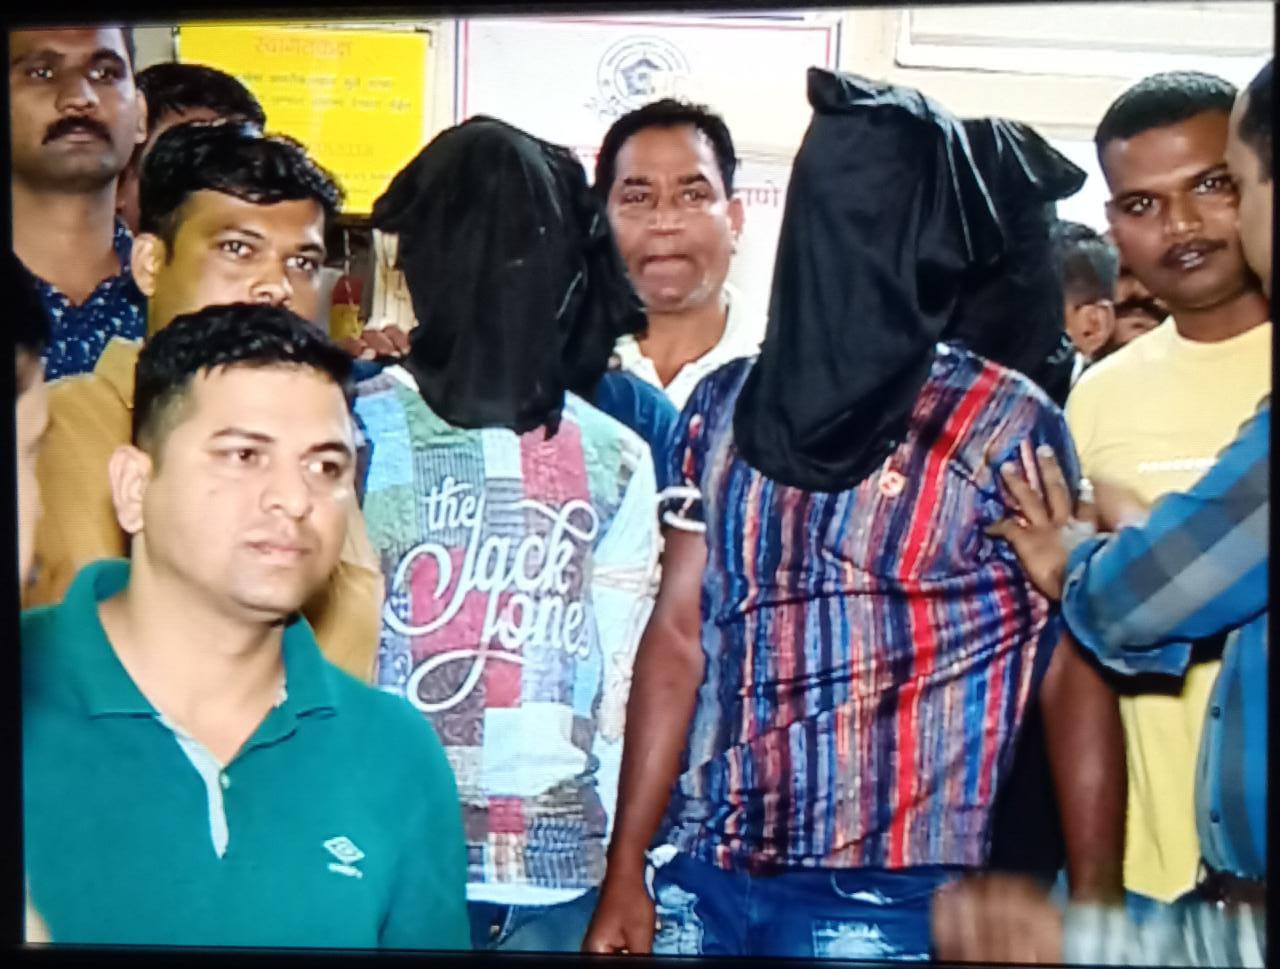 ड्रग माफियाओं और मुंबई पुलिस की मुडभेड़ , पुलिस पर हुआ फाएर, 7 ड्रग्स माफिया पुलिस की चंगुल में , भारी मात्रा में मादक पदार्थ जब्त